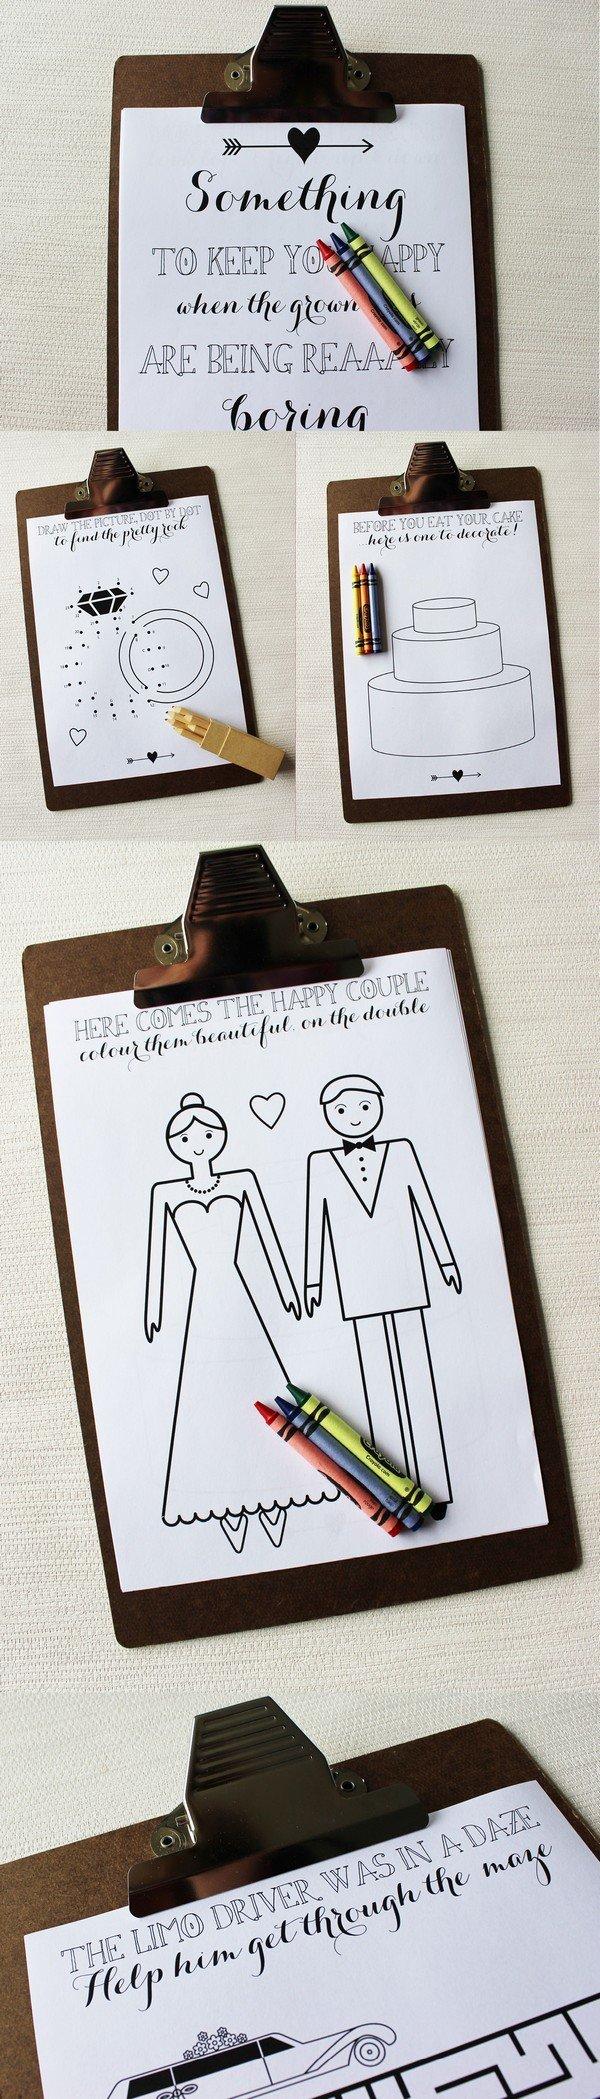 Children Activity Book for wedding reception ideas